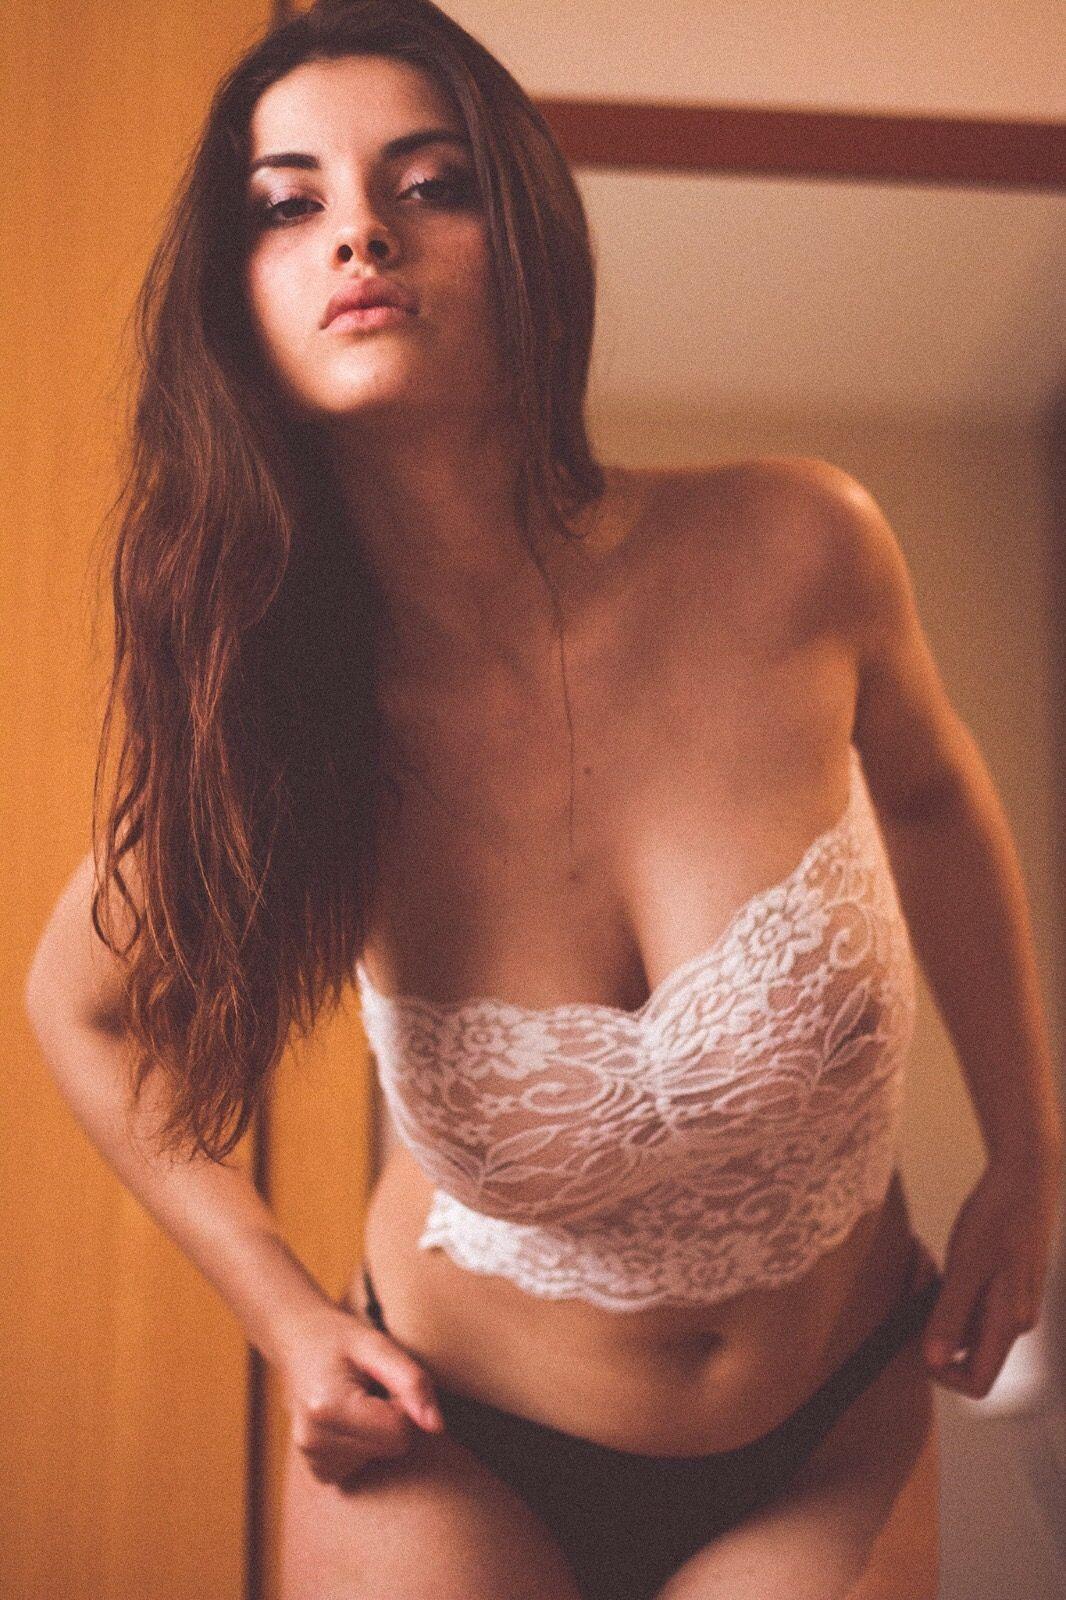 Bikini Bikini Judit Guerra naked photo 2017